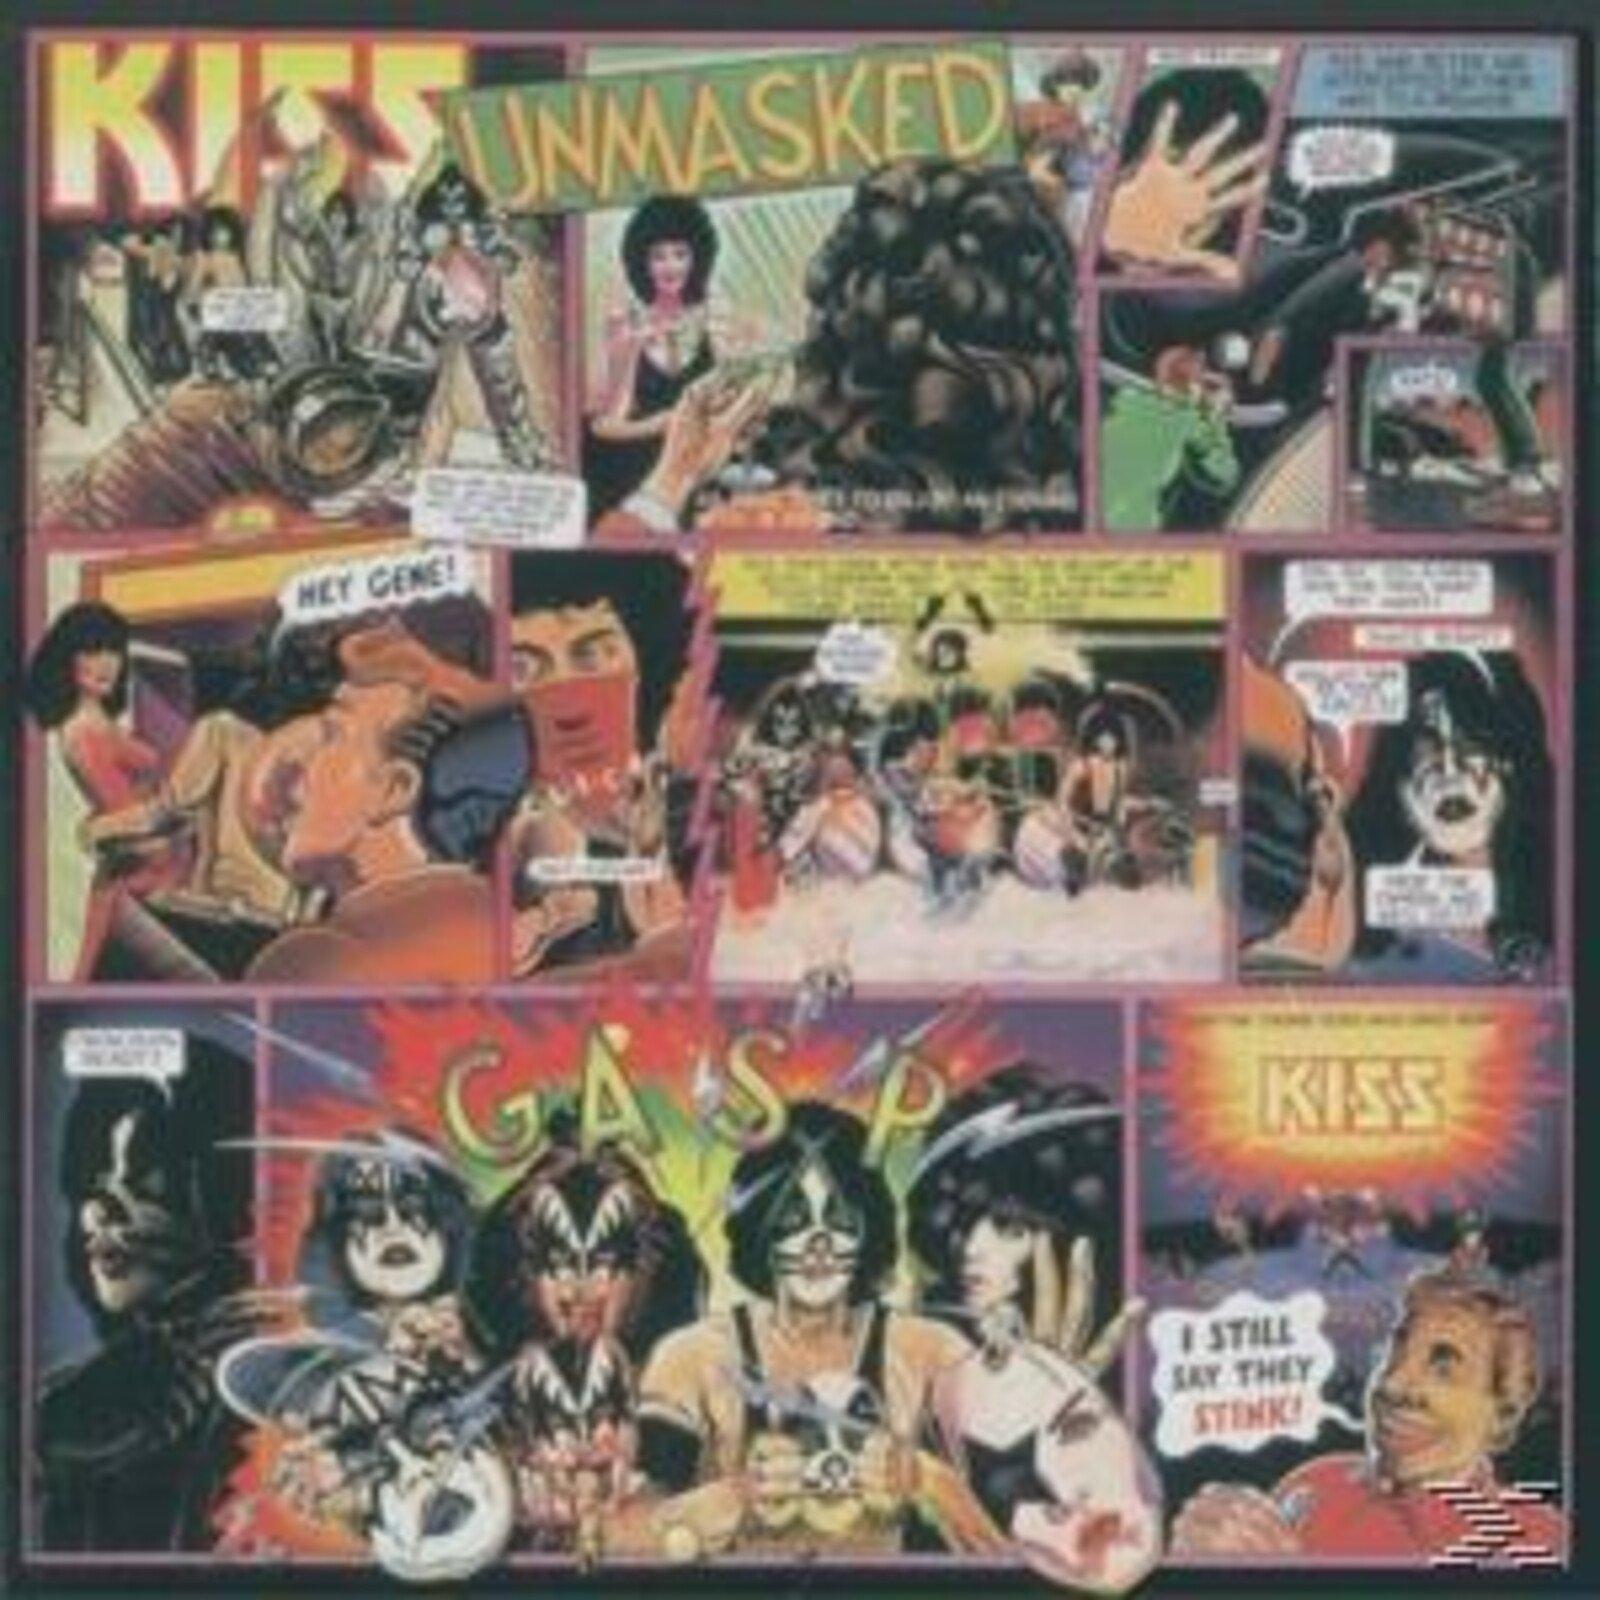 Kiss - Unmasked (Ltd.Back To Black Vinyl) - (Vinyl)